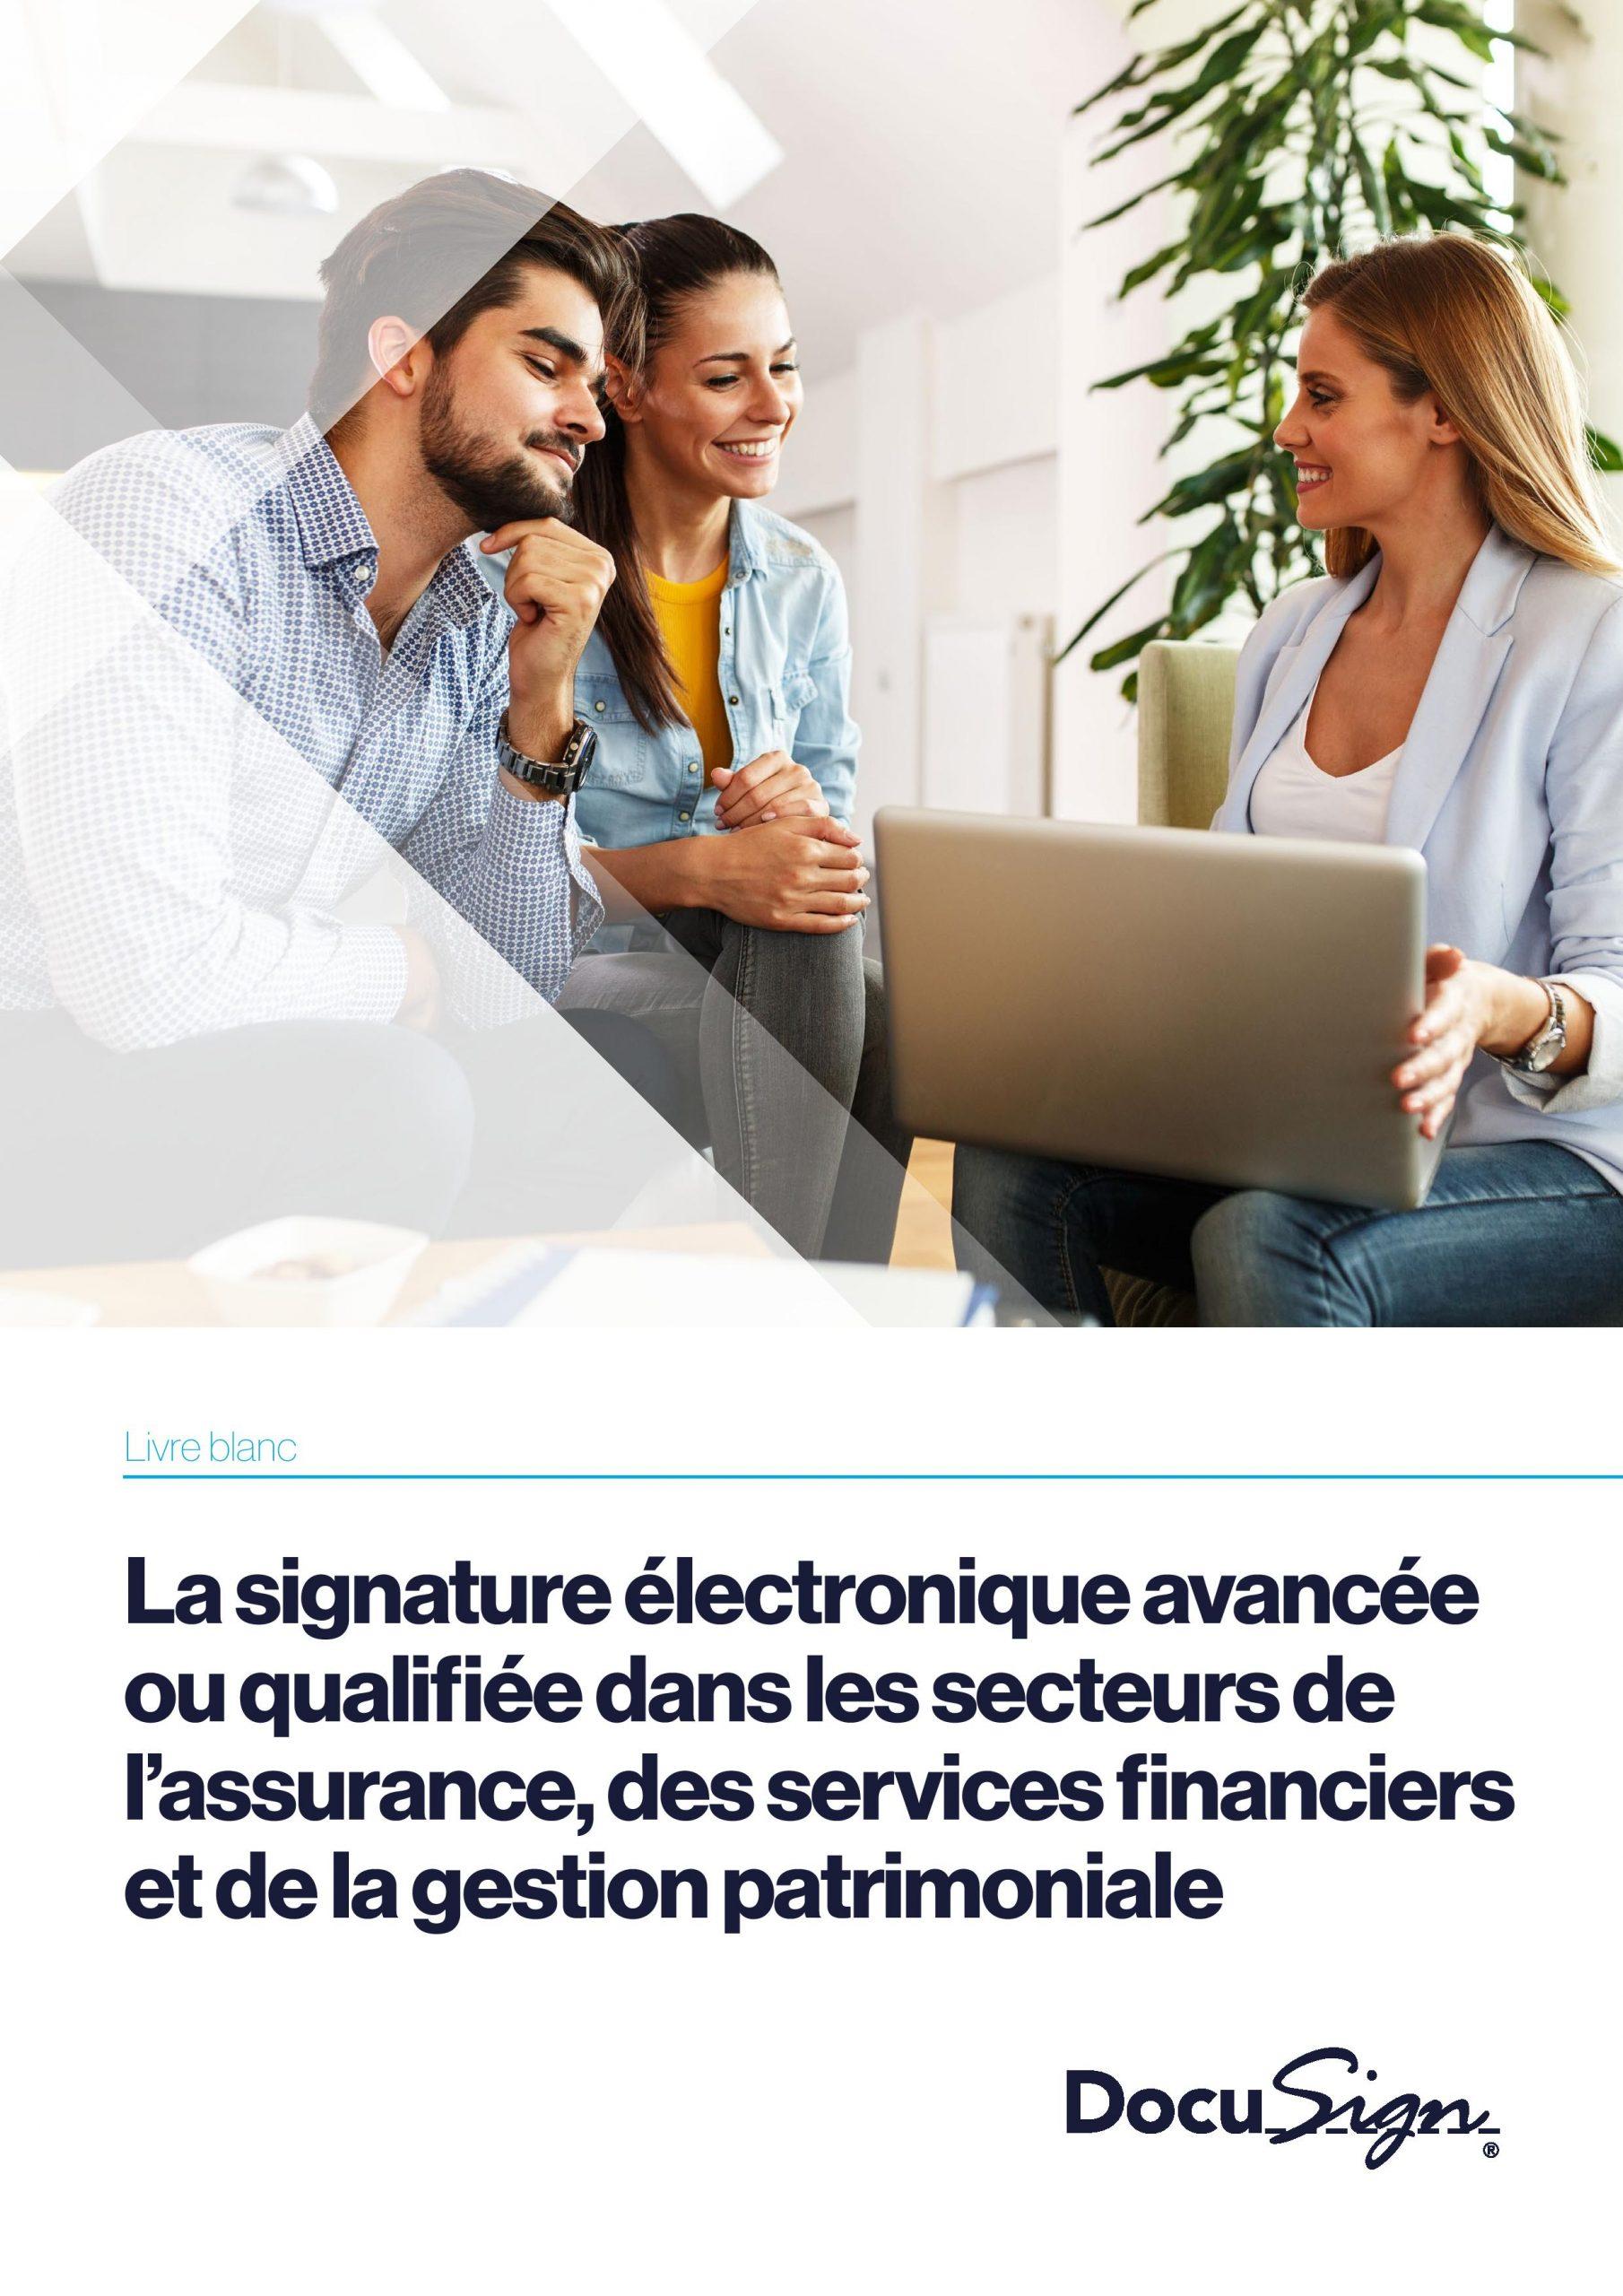 La signature électronique avancée ou qualifiée pour la bancassurance, des services financiers et de la gestion patrimoniale